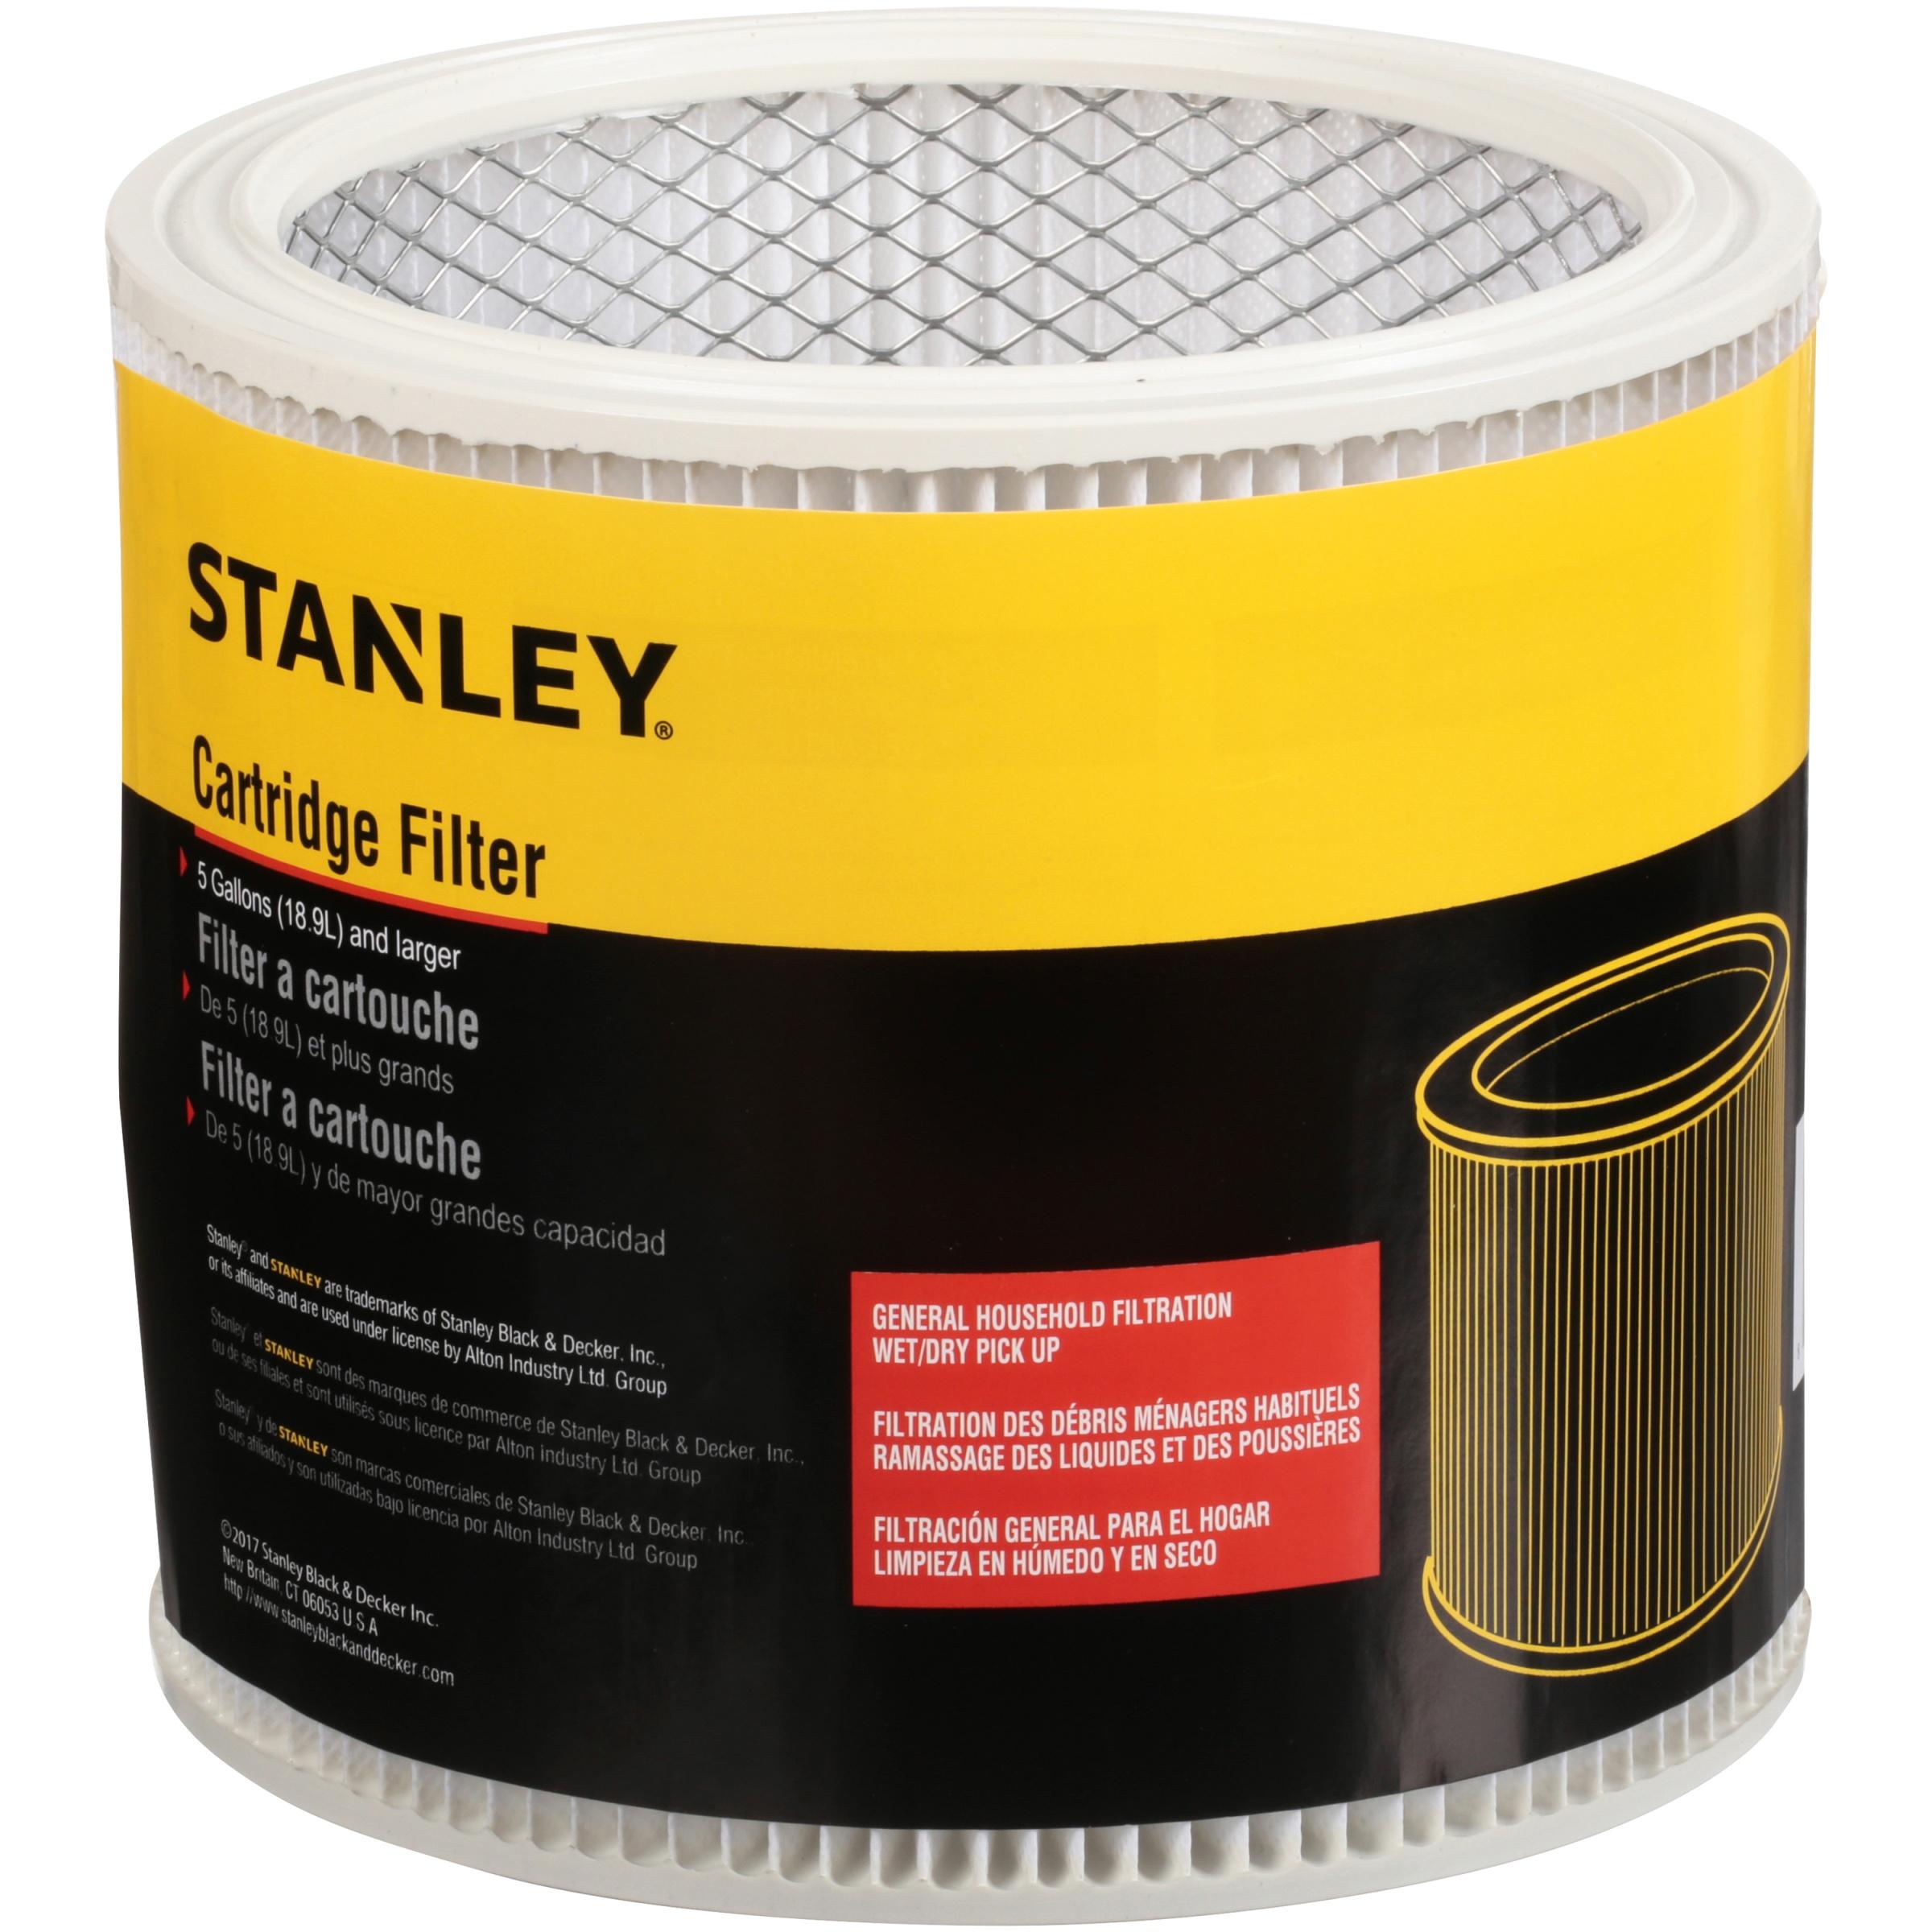 Stanley Cartridge Filter for 7-18 gal Vacuum